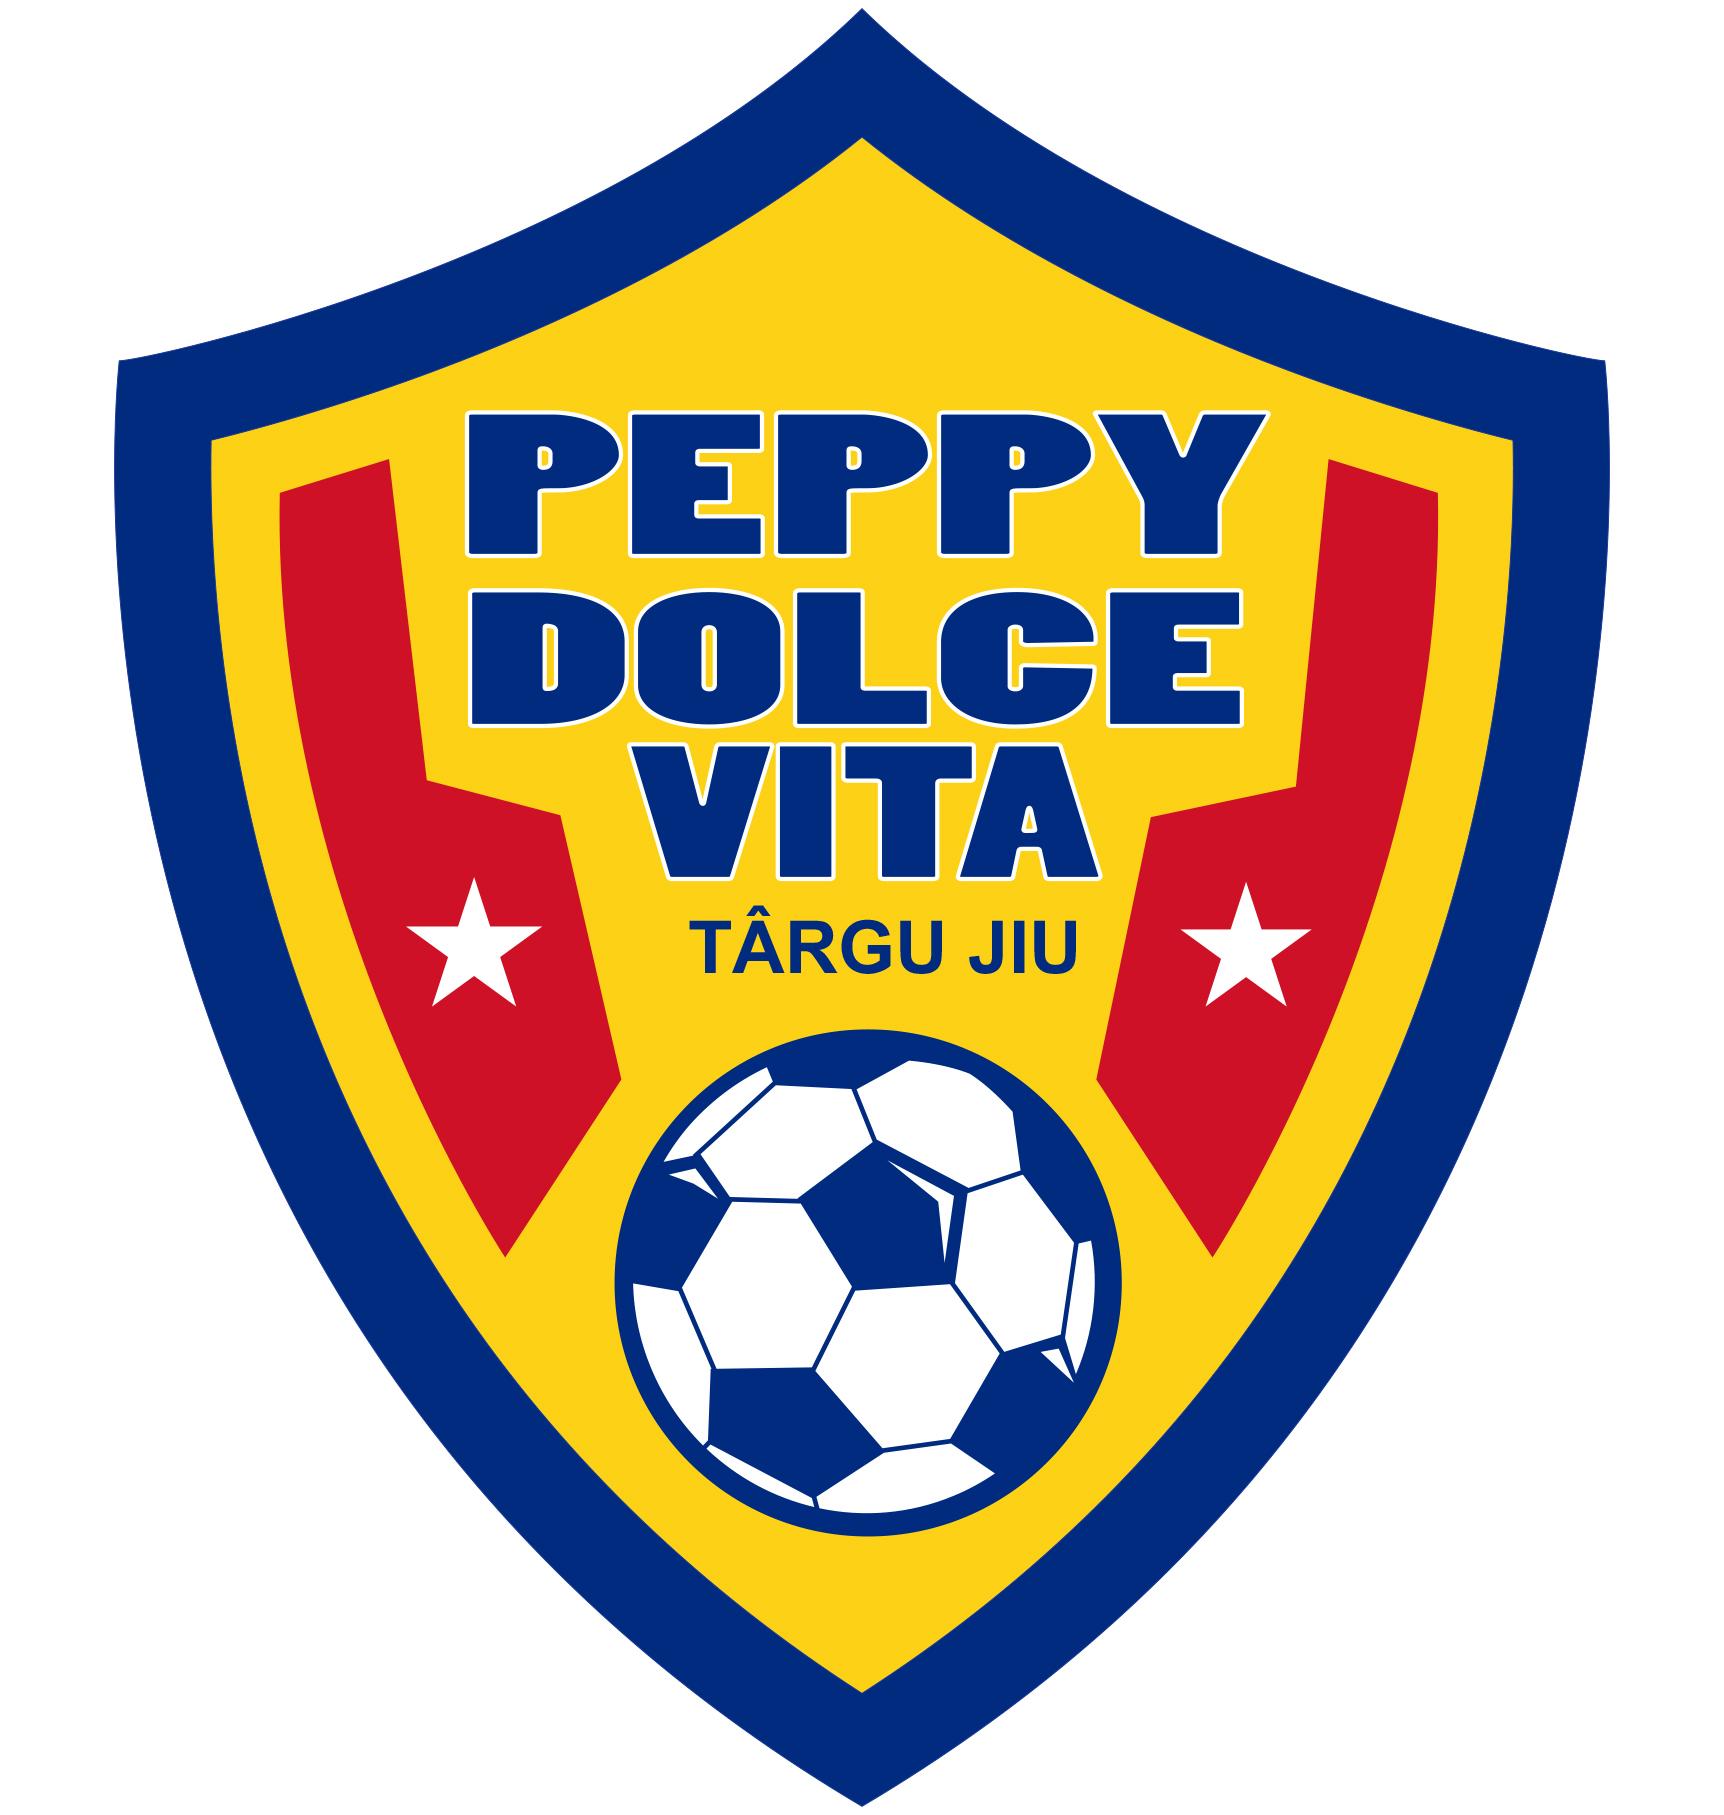 Peppy Dolce Vita Targu Jiu